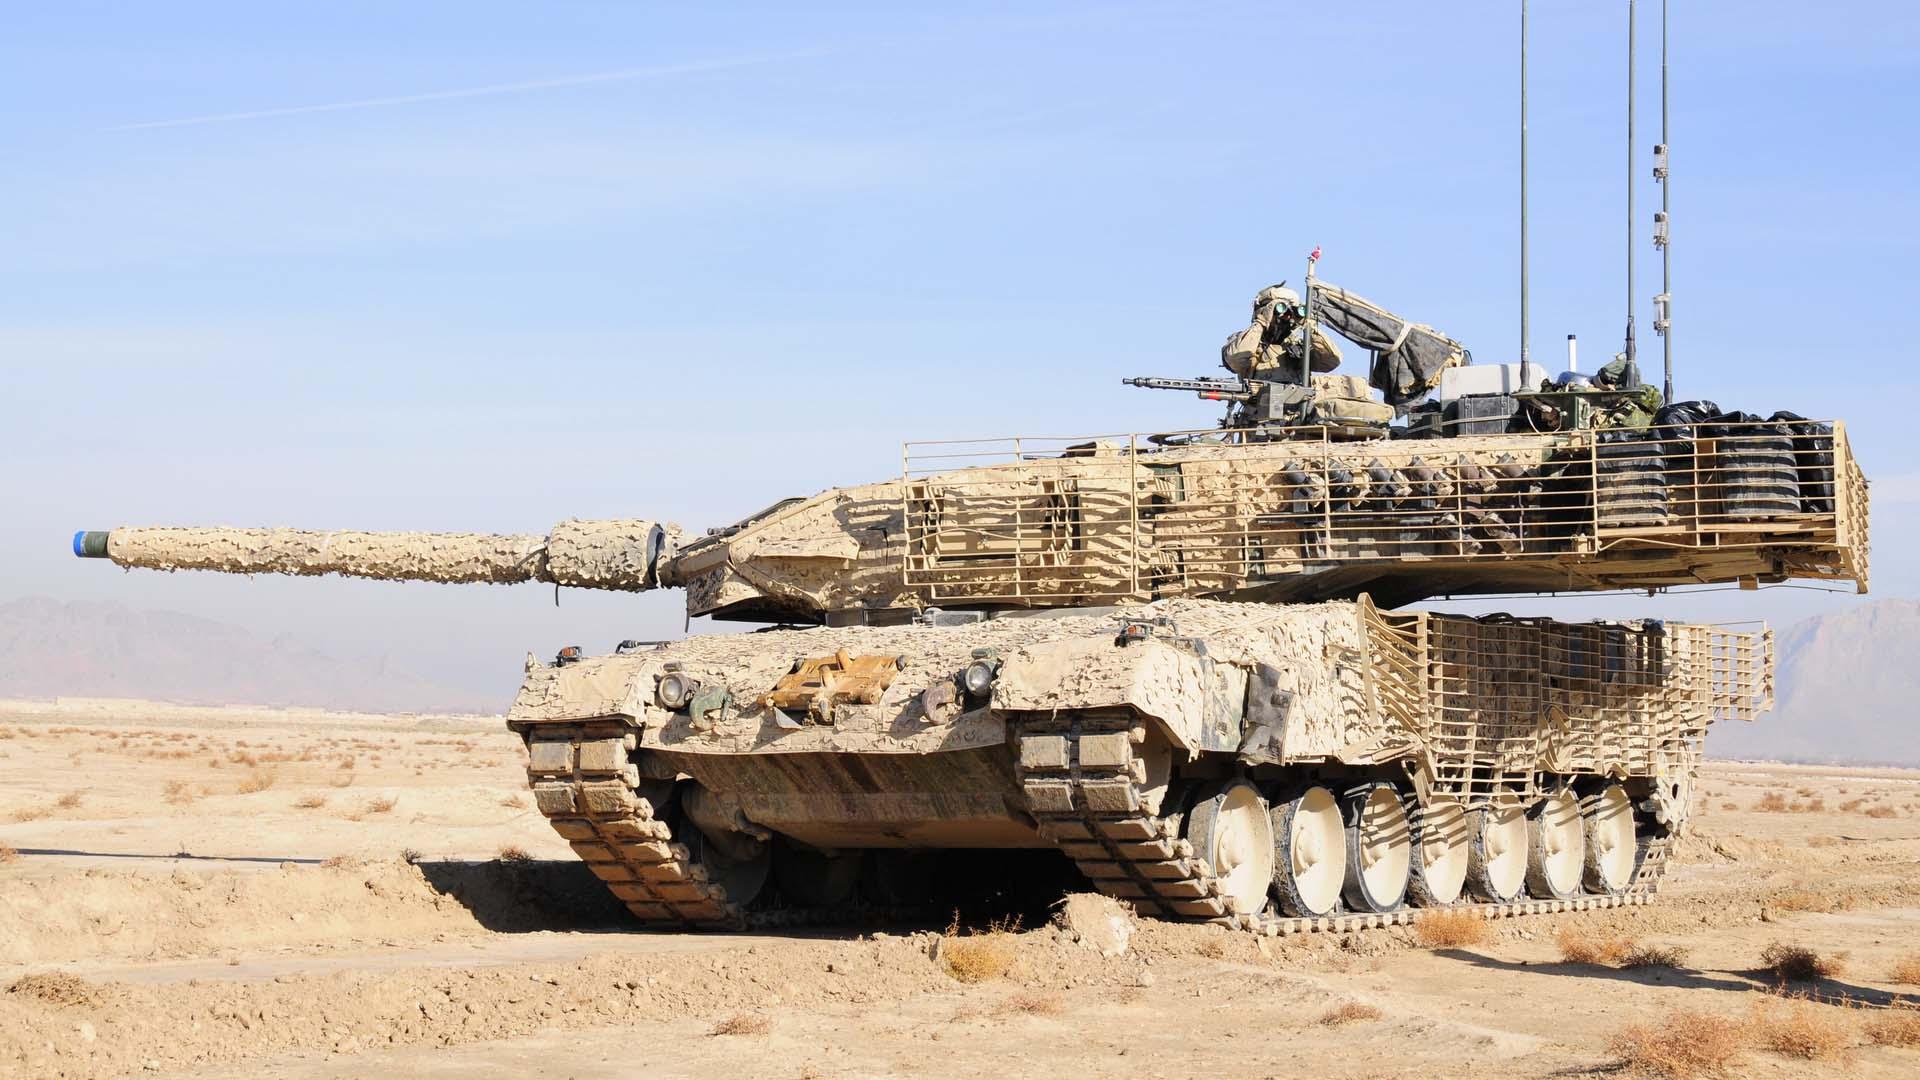 картинки самых крутых танков мира больше